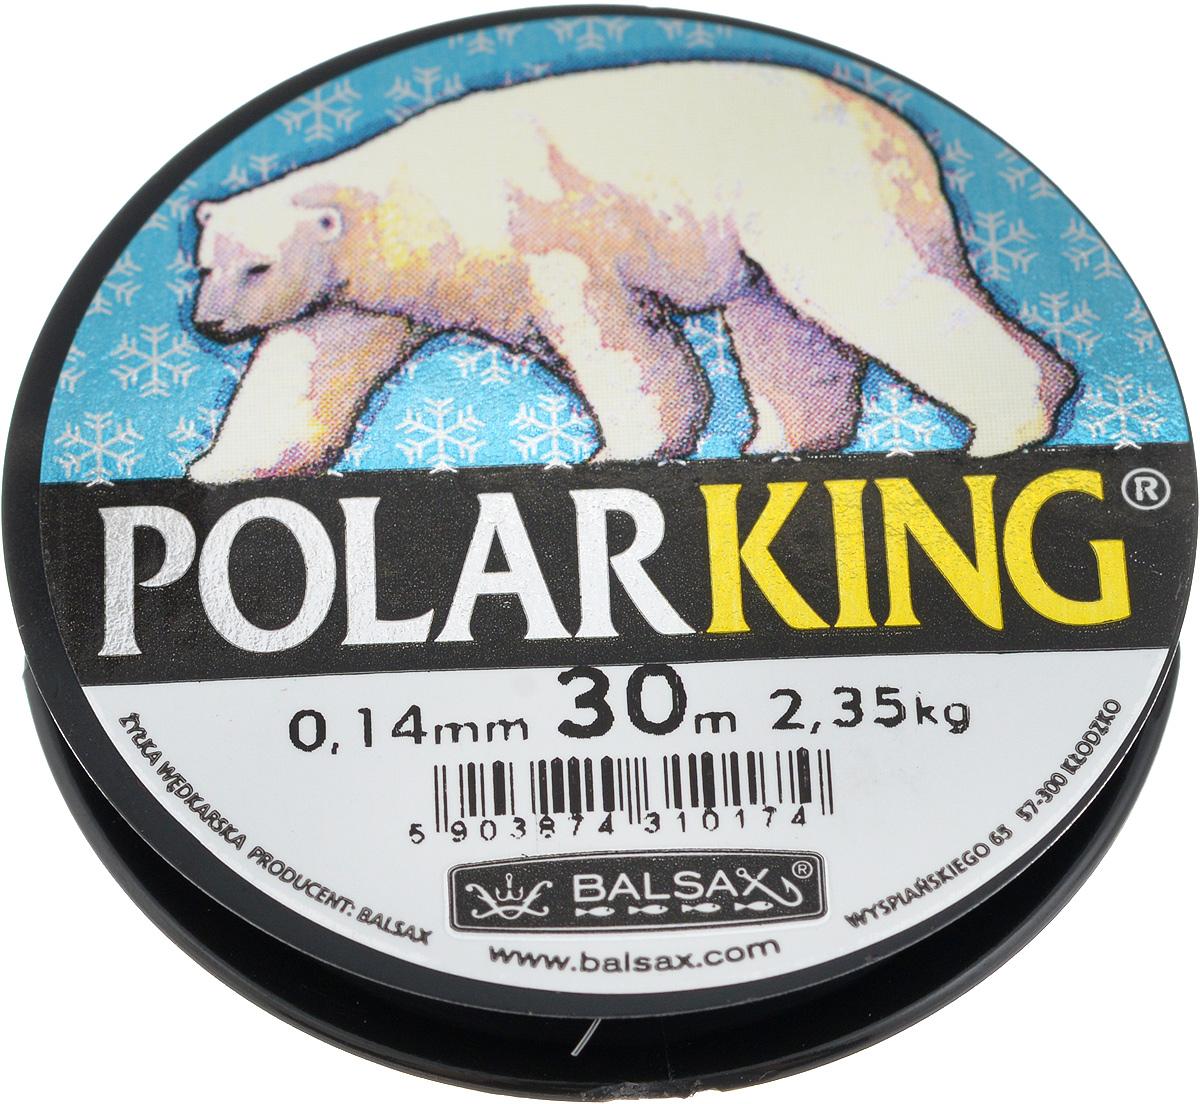 Леска зимняя Balsax Polar King, 30 м, 0,14 мм, 2,35 кг1232630Леска Balsax Polar King изготовлена из 100% нейлона и очень хорошо выдерживает низкие температуры. Даже в самом холодном климате, при температуре вплоть до -40°C, она сохраняет свои свойства практически без изменений, в то время как традиционные лески становятся менее эластичными и теряют прочность.Поверхность лески обработана таким образом, что она не обмерзает и отлично подходит для подледного лова. Прочна в местах вязки узлов даже при минимальном диаметре.